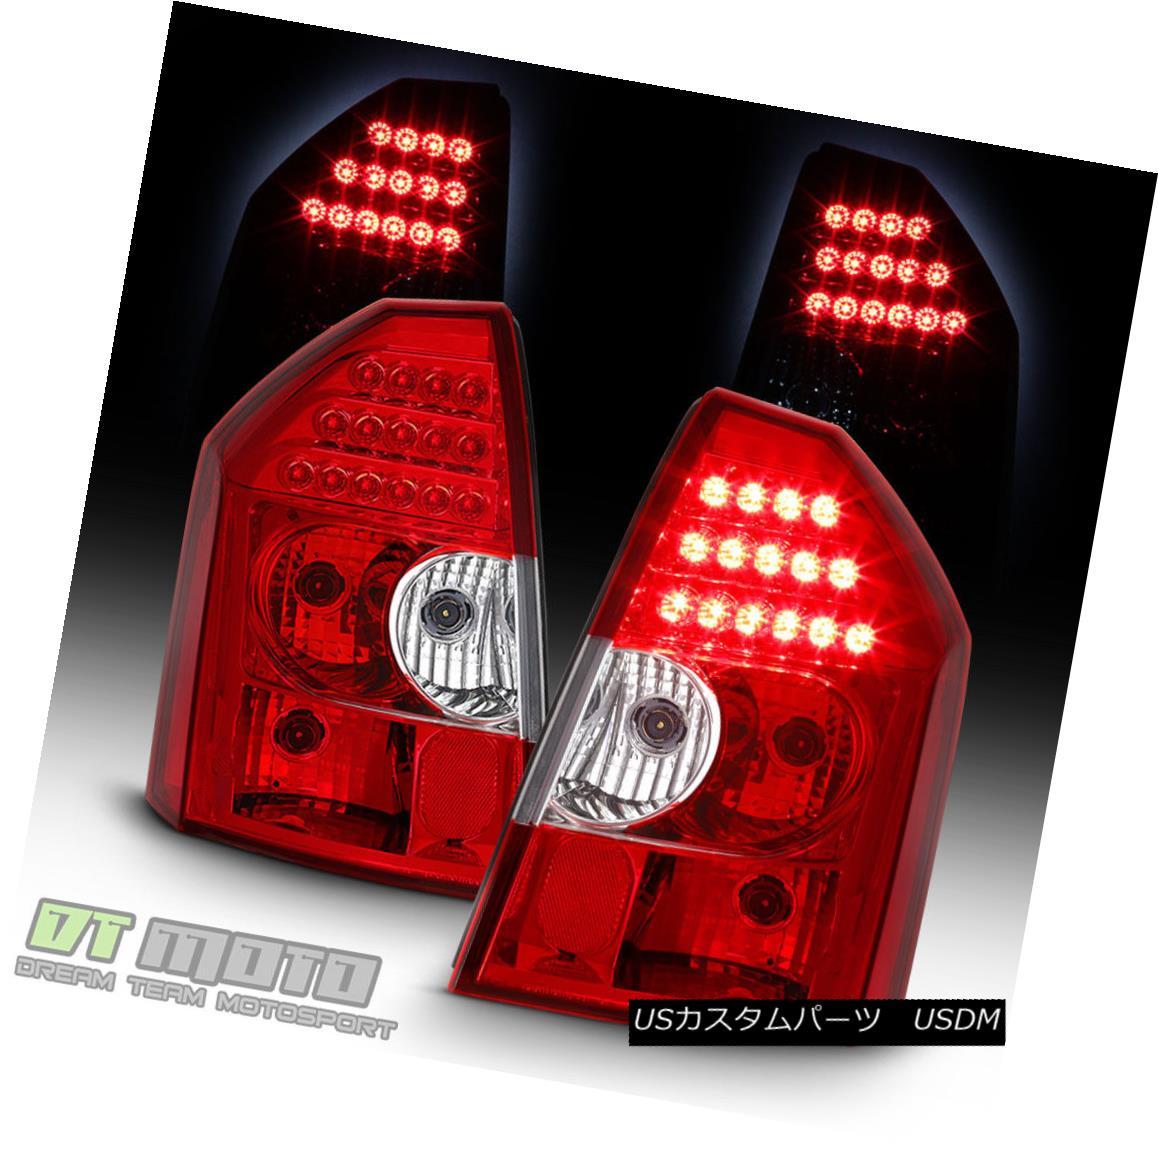 テールライト 2005 2006 2007 Chrysler 300C Red Clear LED Tail Lights Brake Lamps Left+Right 2005 2006 2007クライスラー300CレッドクリアLEDテールライトブレーキランプ左+右